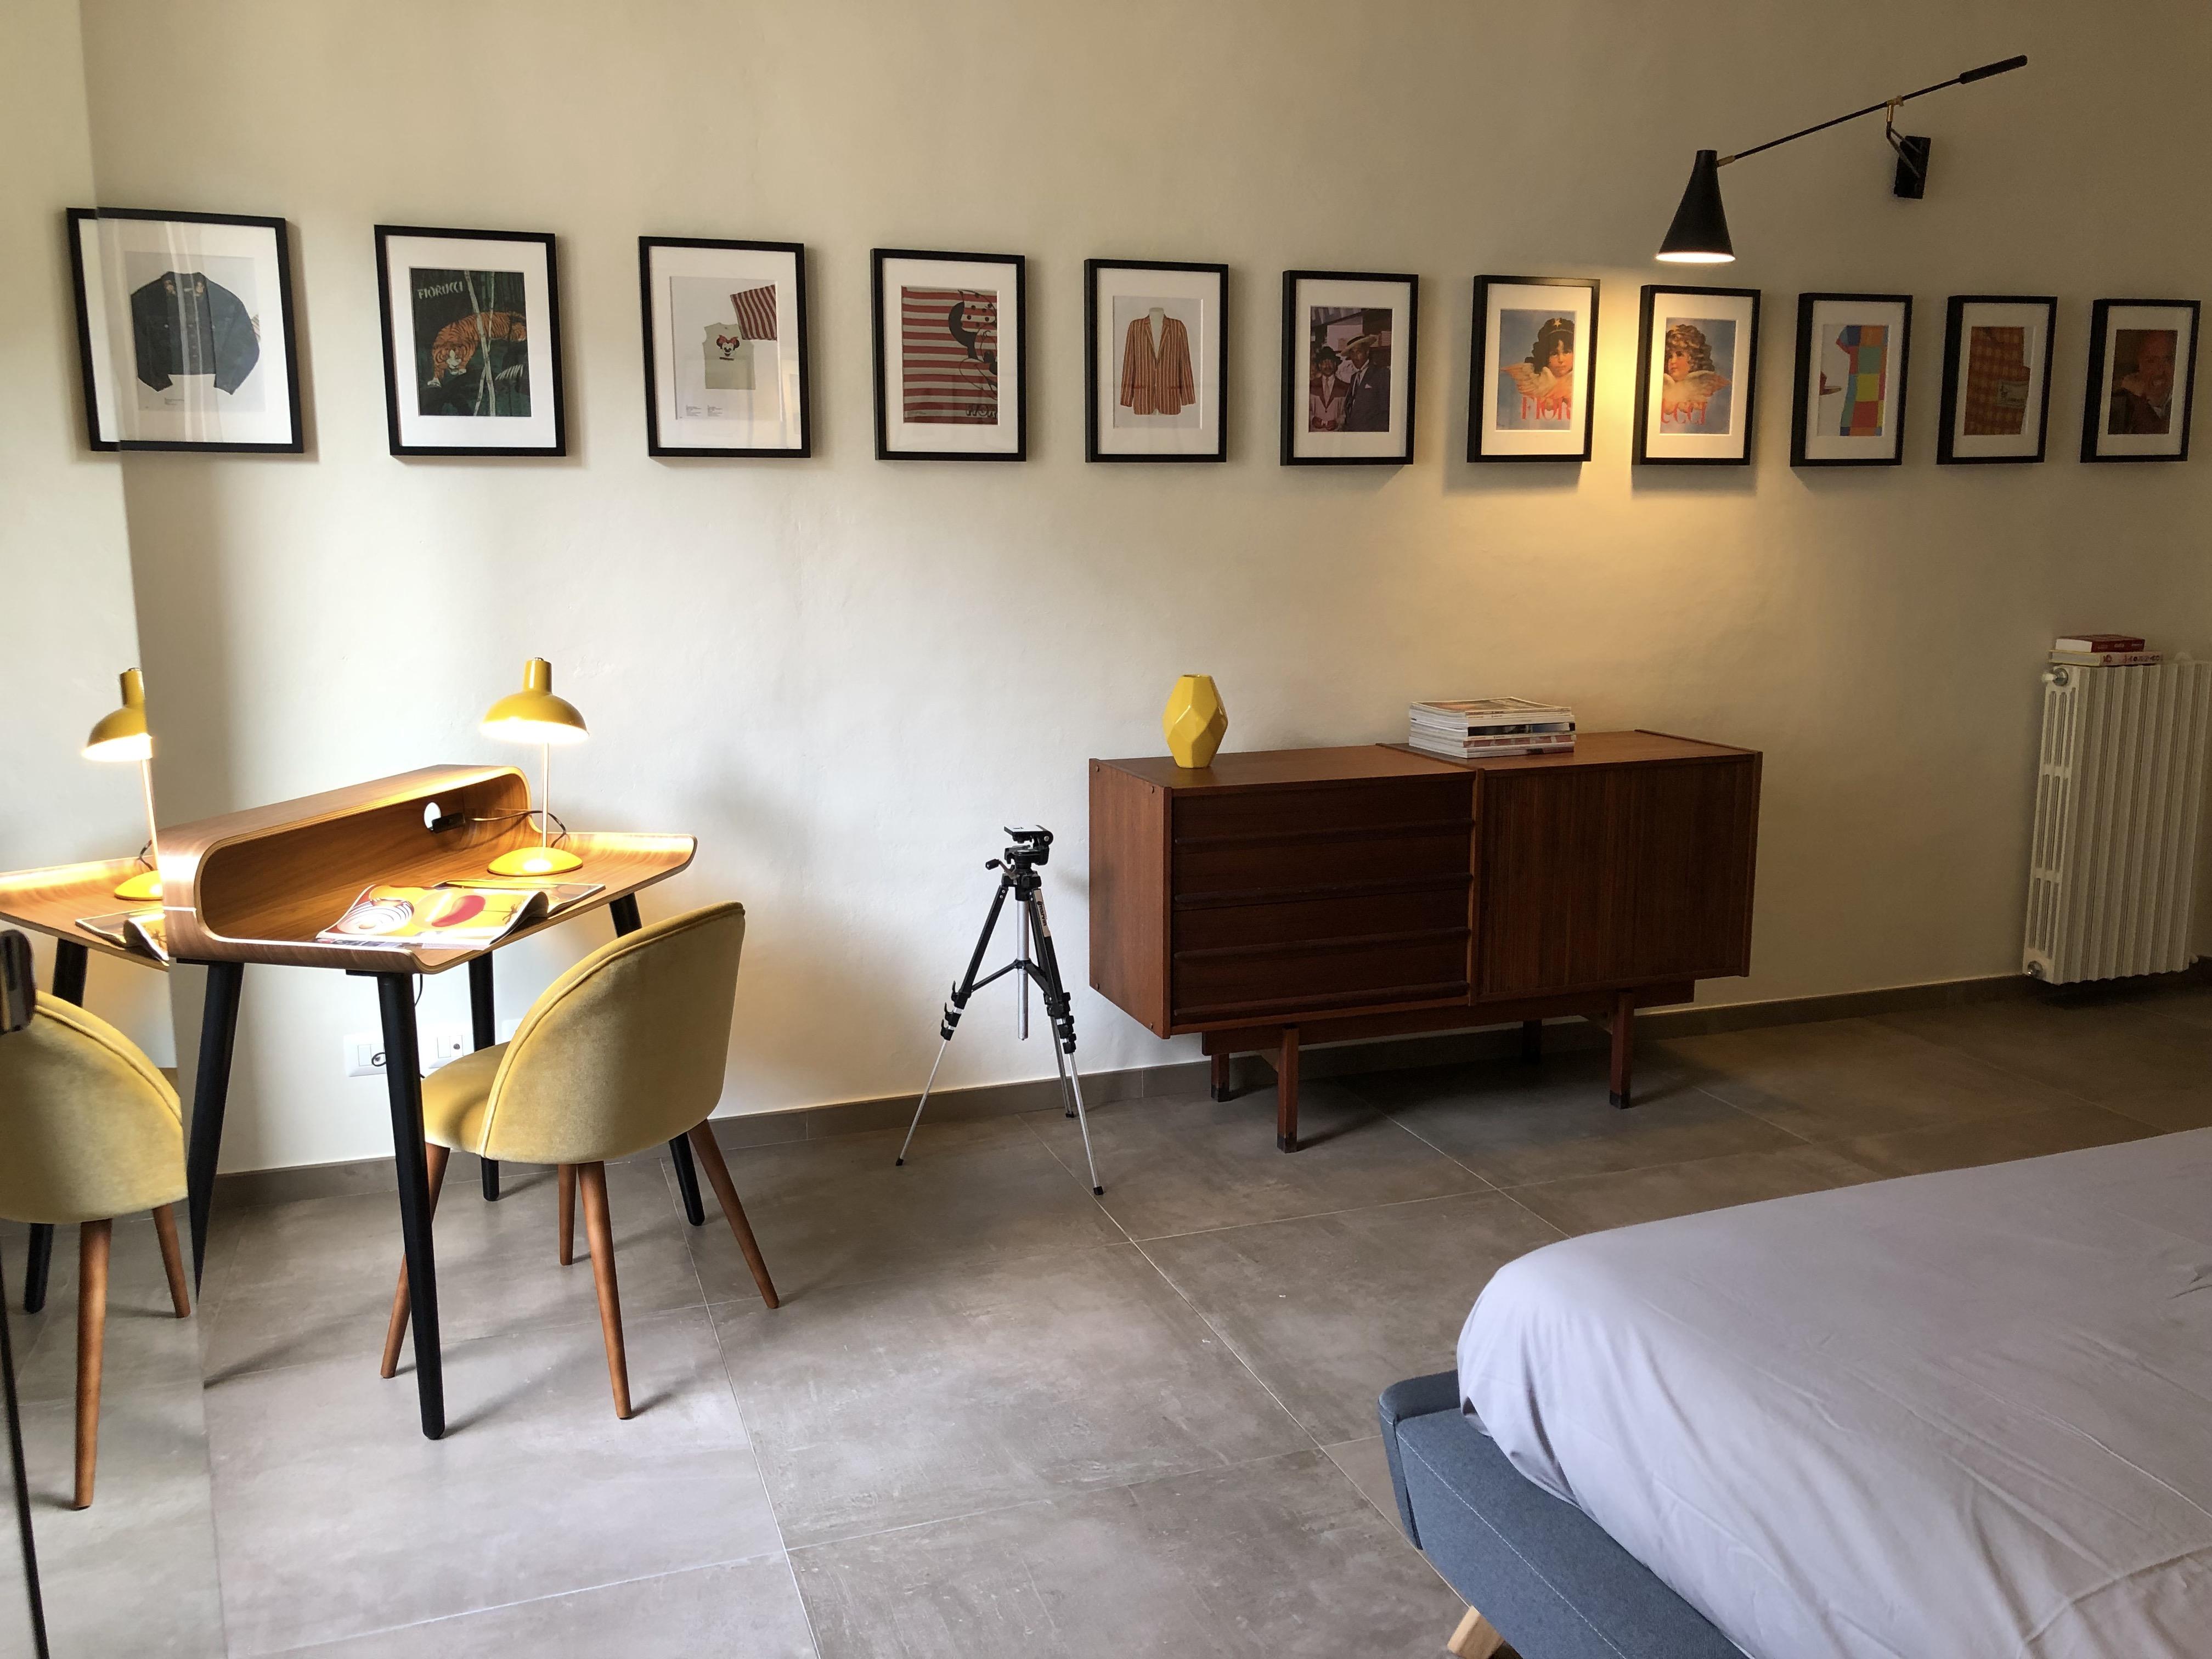 In affitto appartamento arredato e ristrutturato crocetta for Affitto bilocale arredato torino crocetta